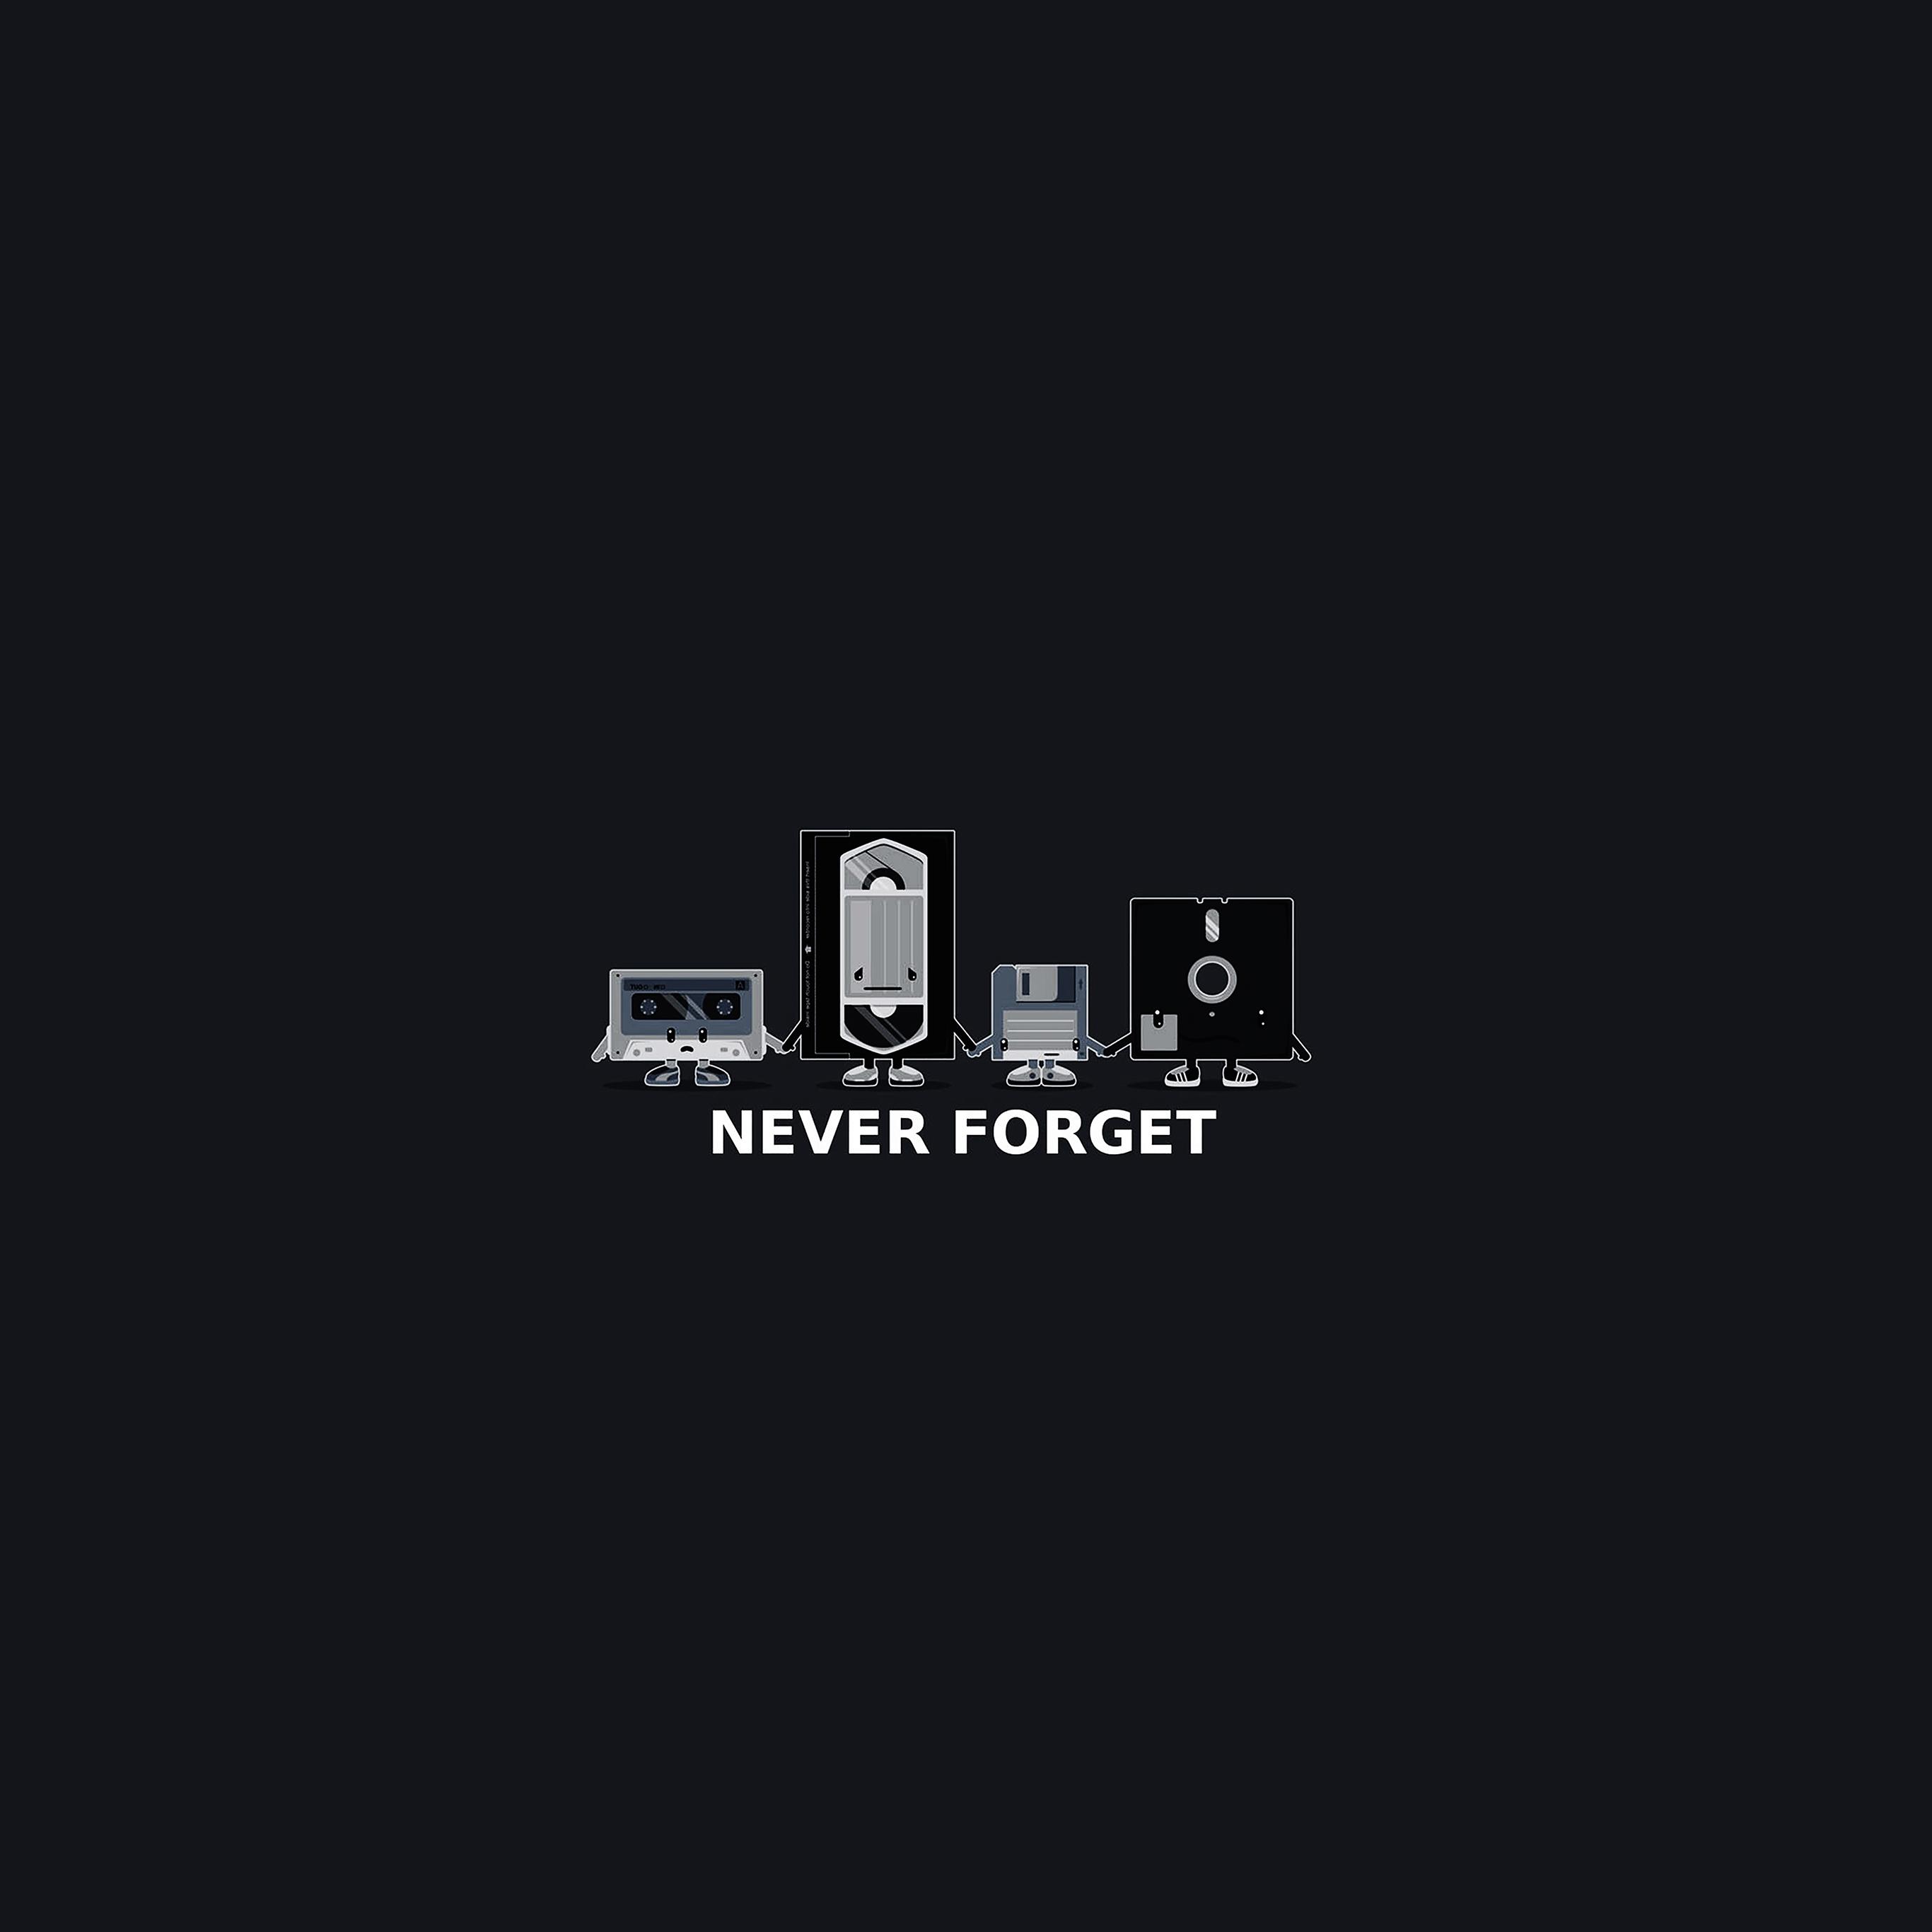 Af82 Never Forget Floppy History Dark Cute Illust Wallpaper